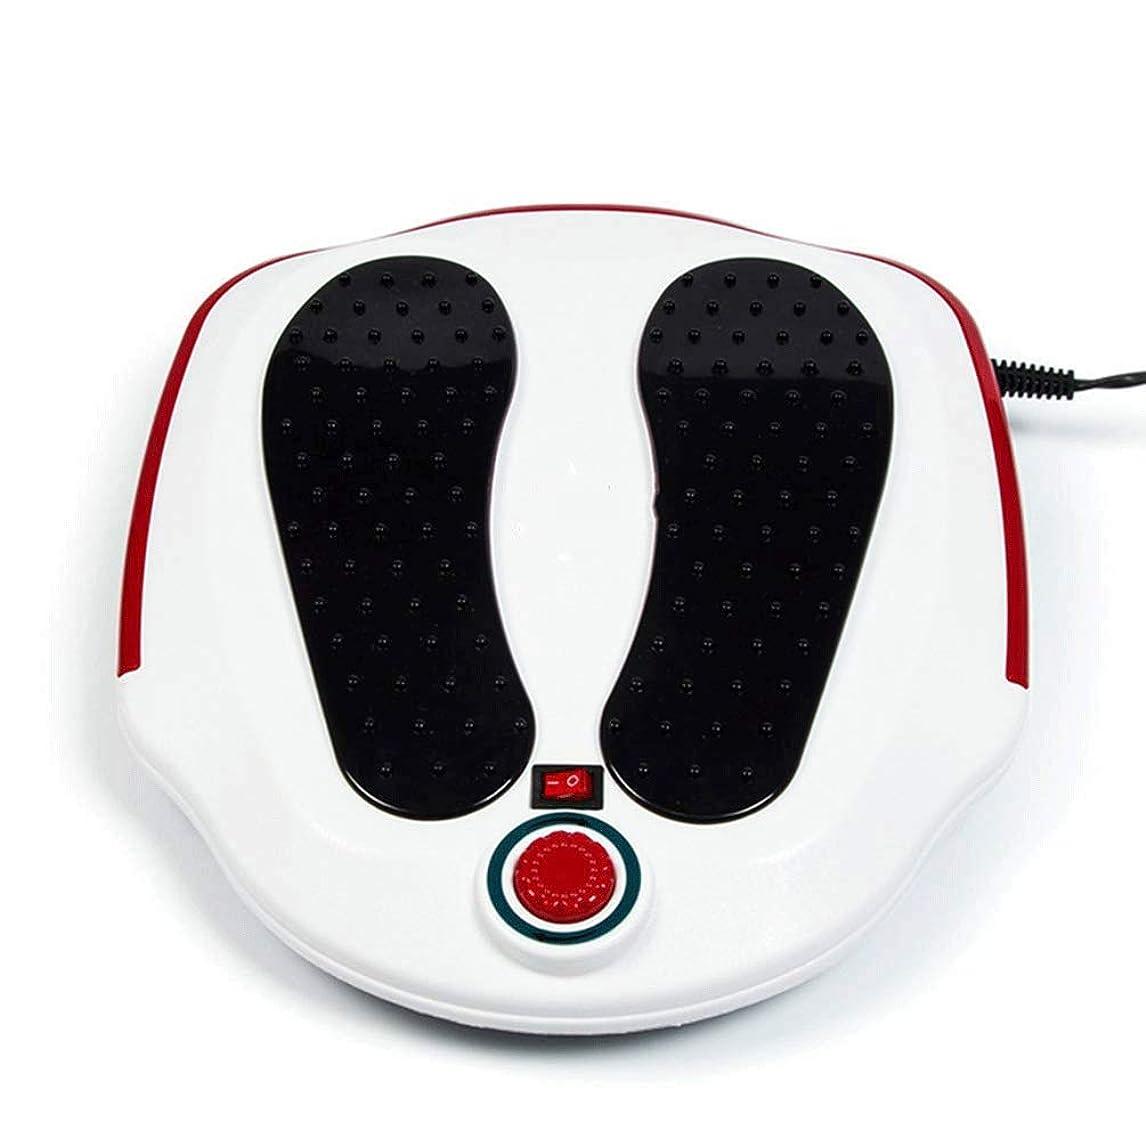 ワックス異常糸LLRYN 熱を備えた指圧フットマッサージャー、足底筋膜炎、足の痛みと疲労を和らげるディープニーディング電動足マッサージ機、睡眠の改善